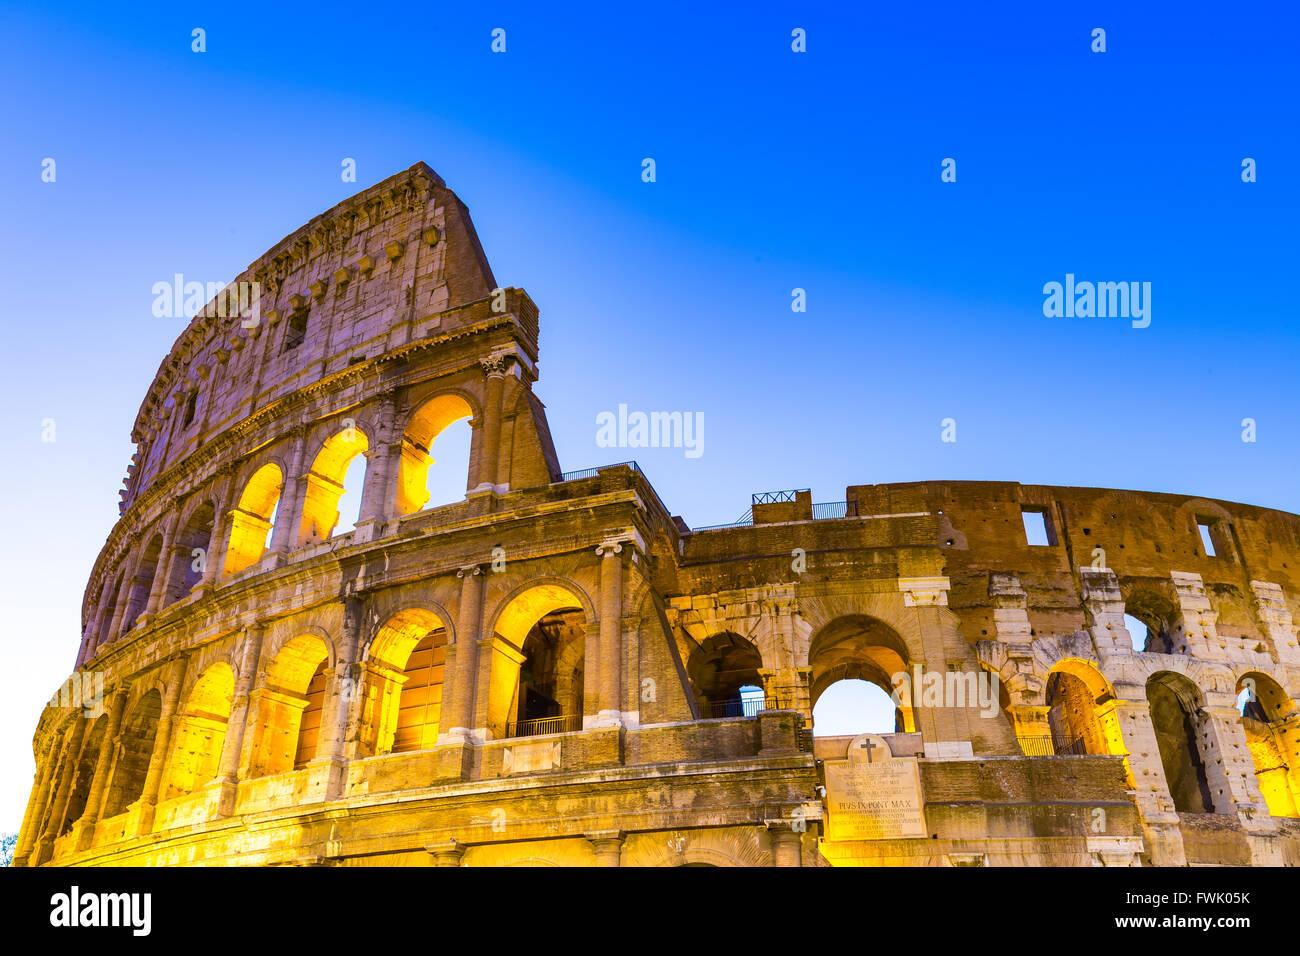 La vue de près du Colisée à Rome, Italie. Photo Stock